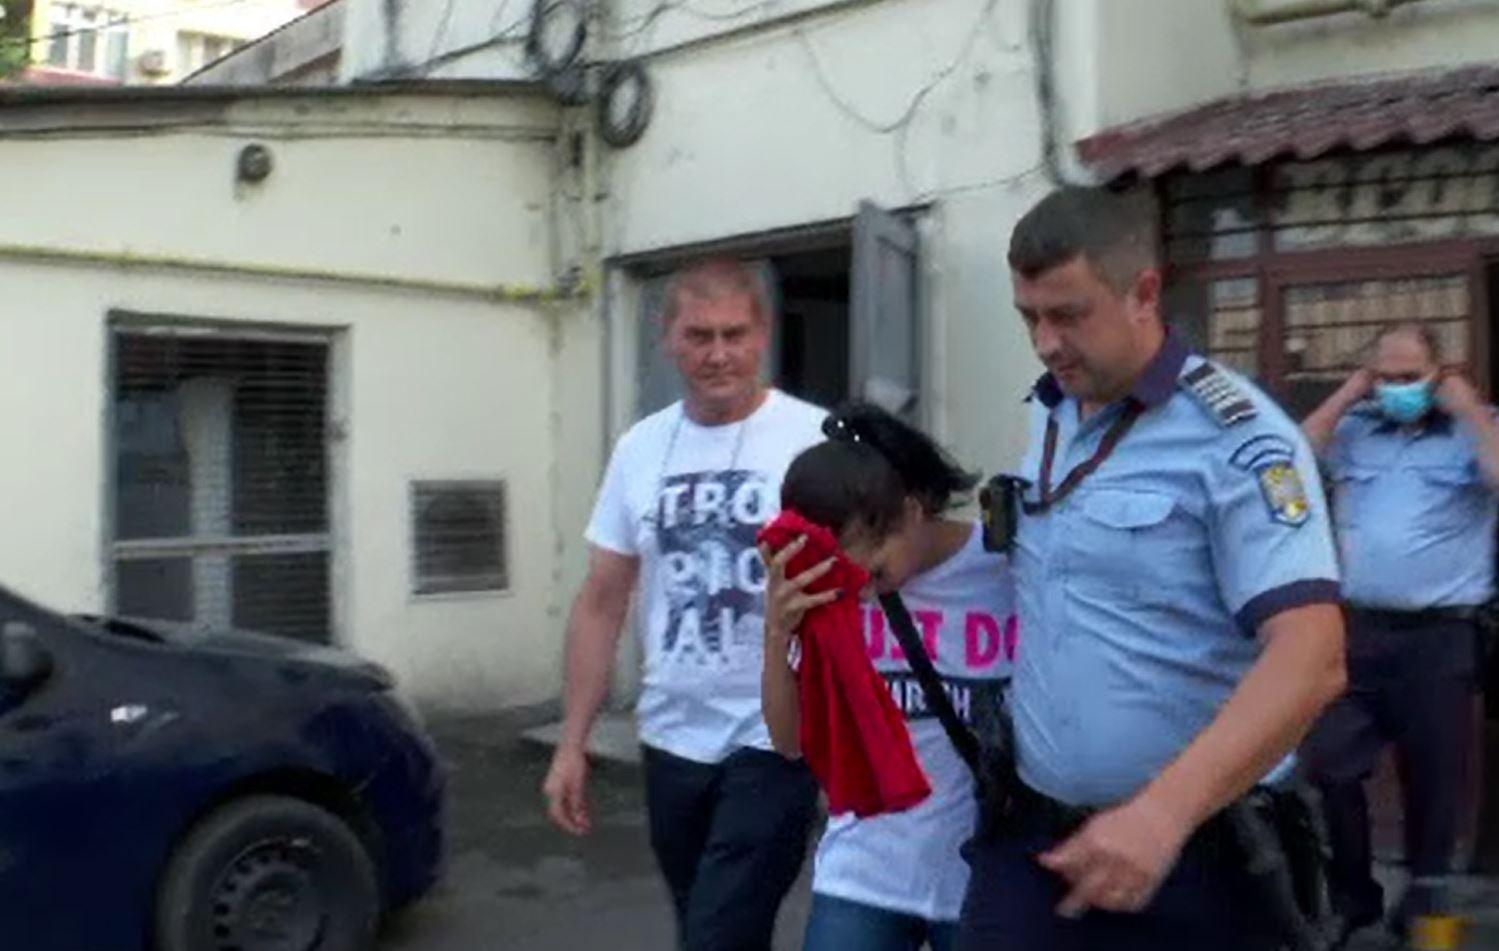 Încăierare sângeroasă în Pitești. A fost atacat de proxenet, după ce a mers să întrețină relații sexuale cu o tânără